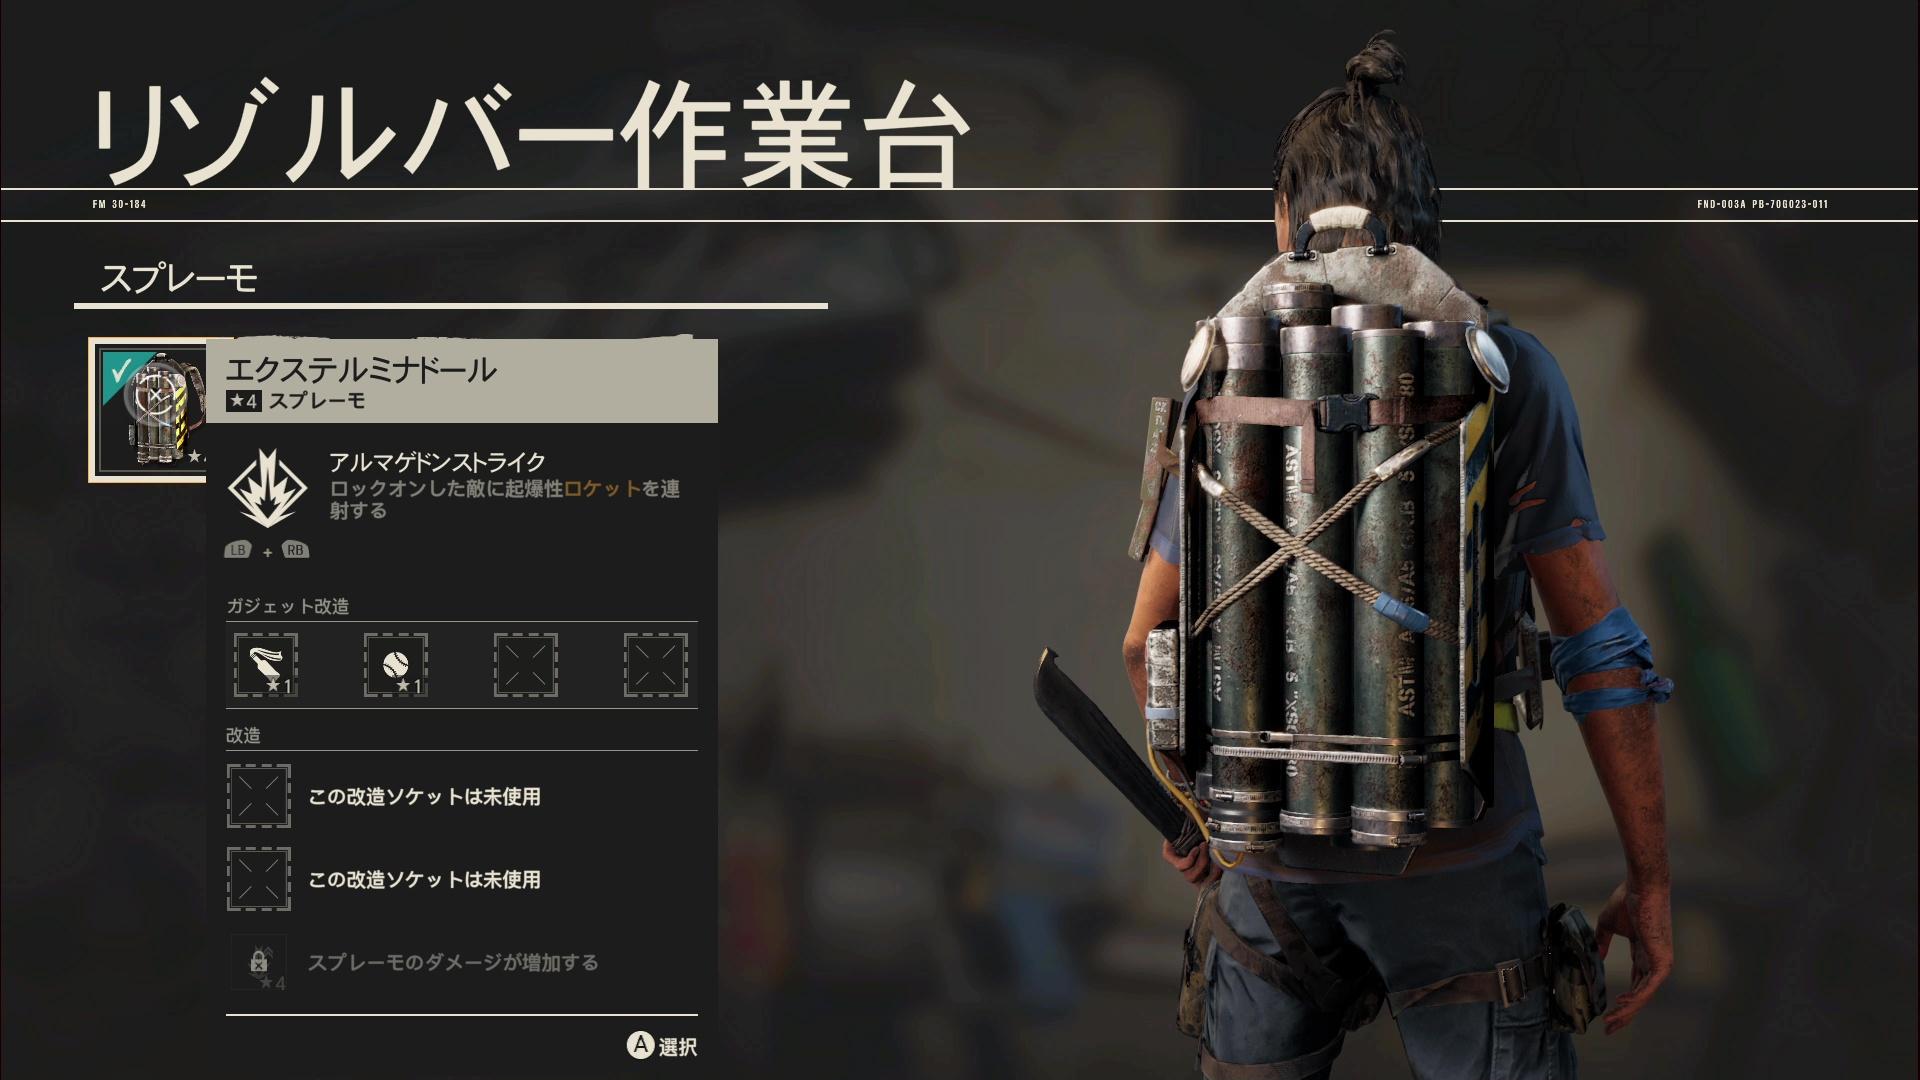 ダニーが背負っているスプレーモ。固有アビリティの他、サブ武器の爆薬などを「ガジェット」として装備できる